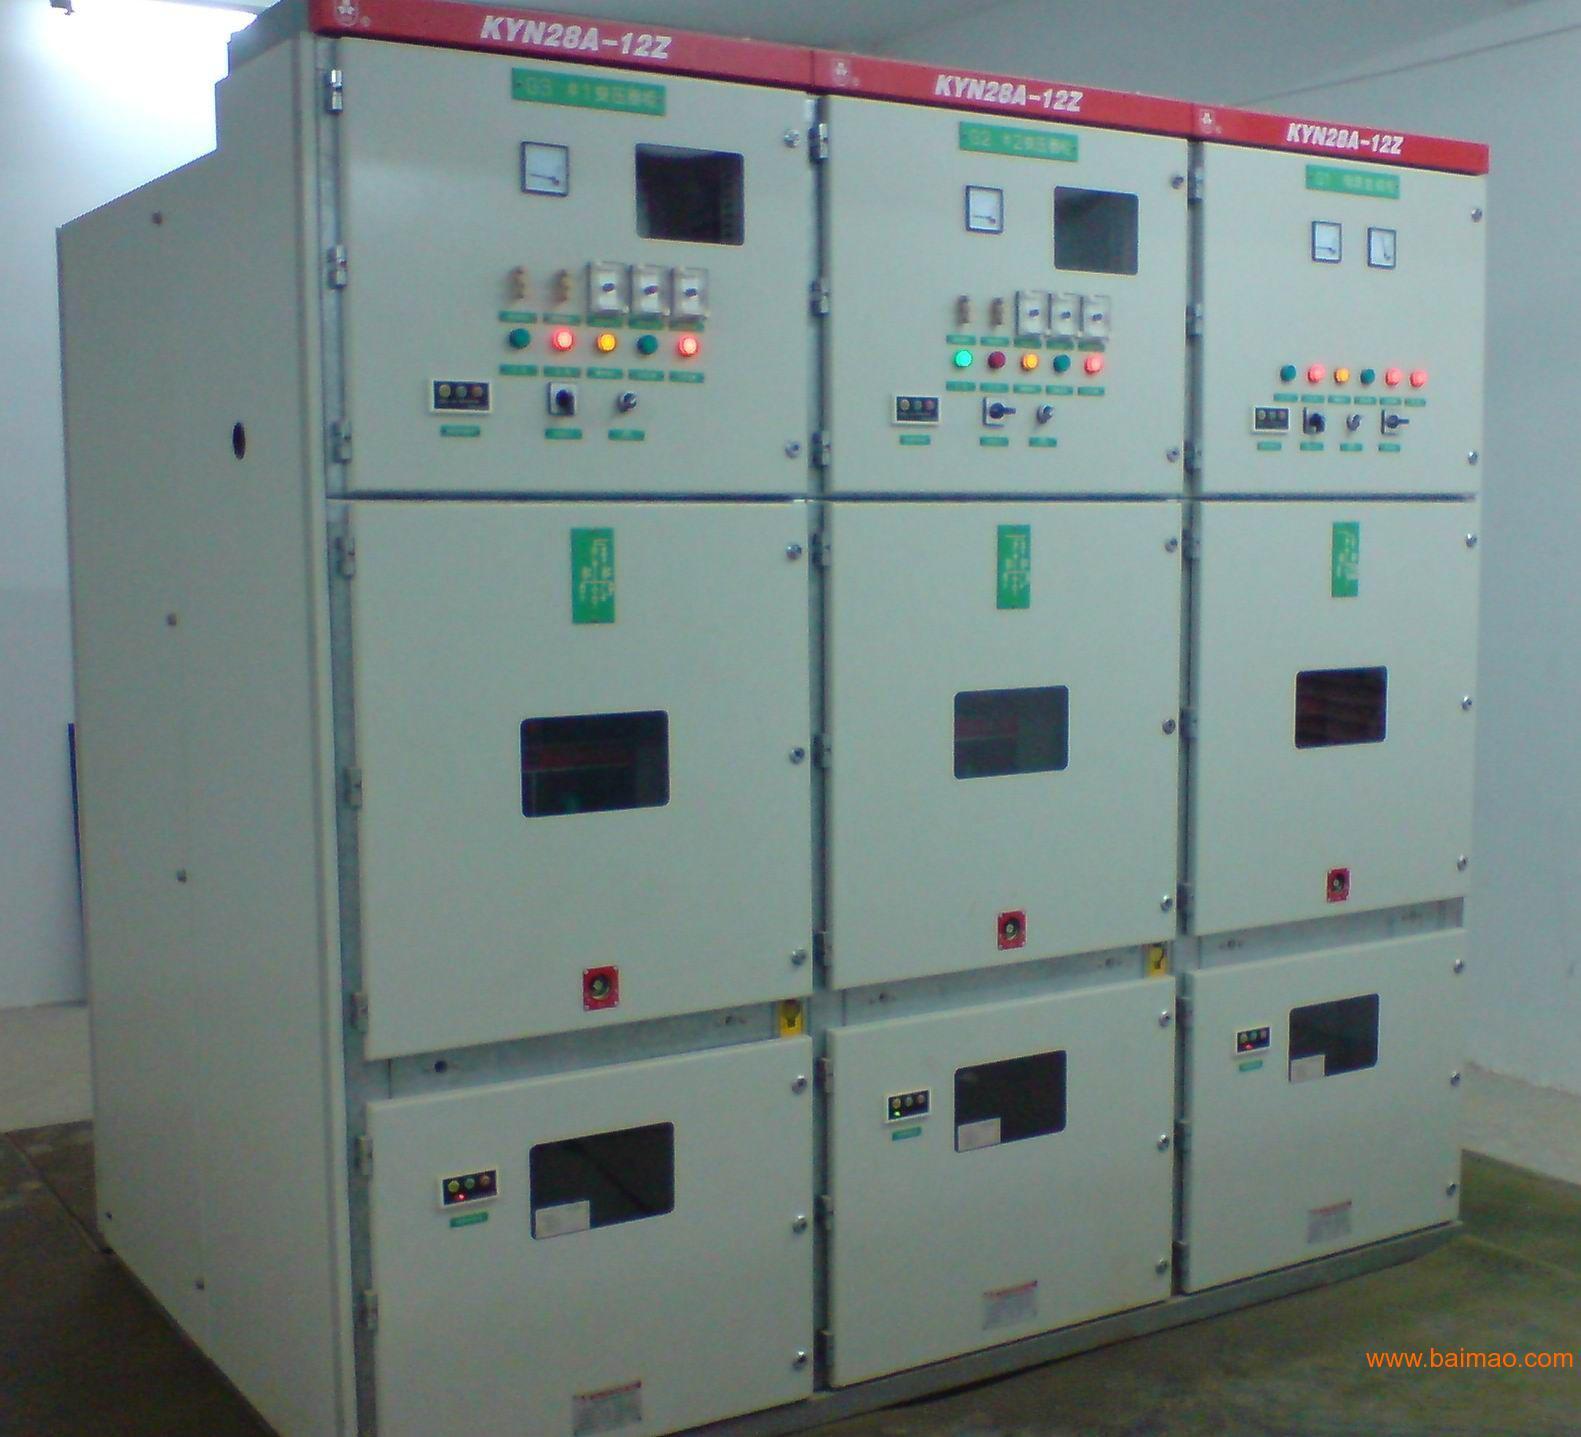 KYN28 12中置柜KYN28 12价格优惠,KYN28 12中置柜KYN28 12价格优惠生产厂家,KYN28 12中置柜KYN28 12价格优惠价格